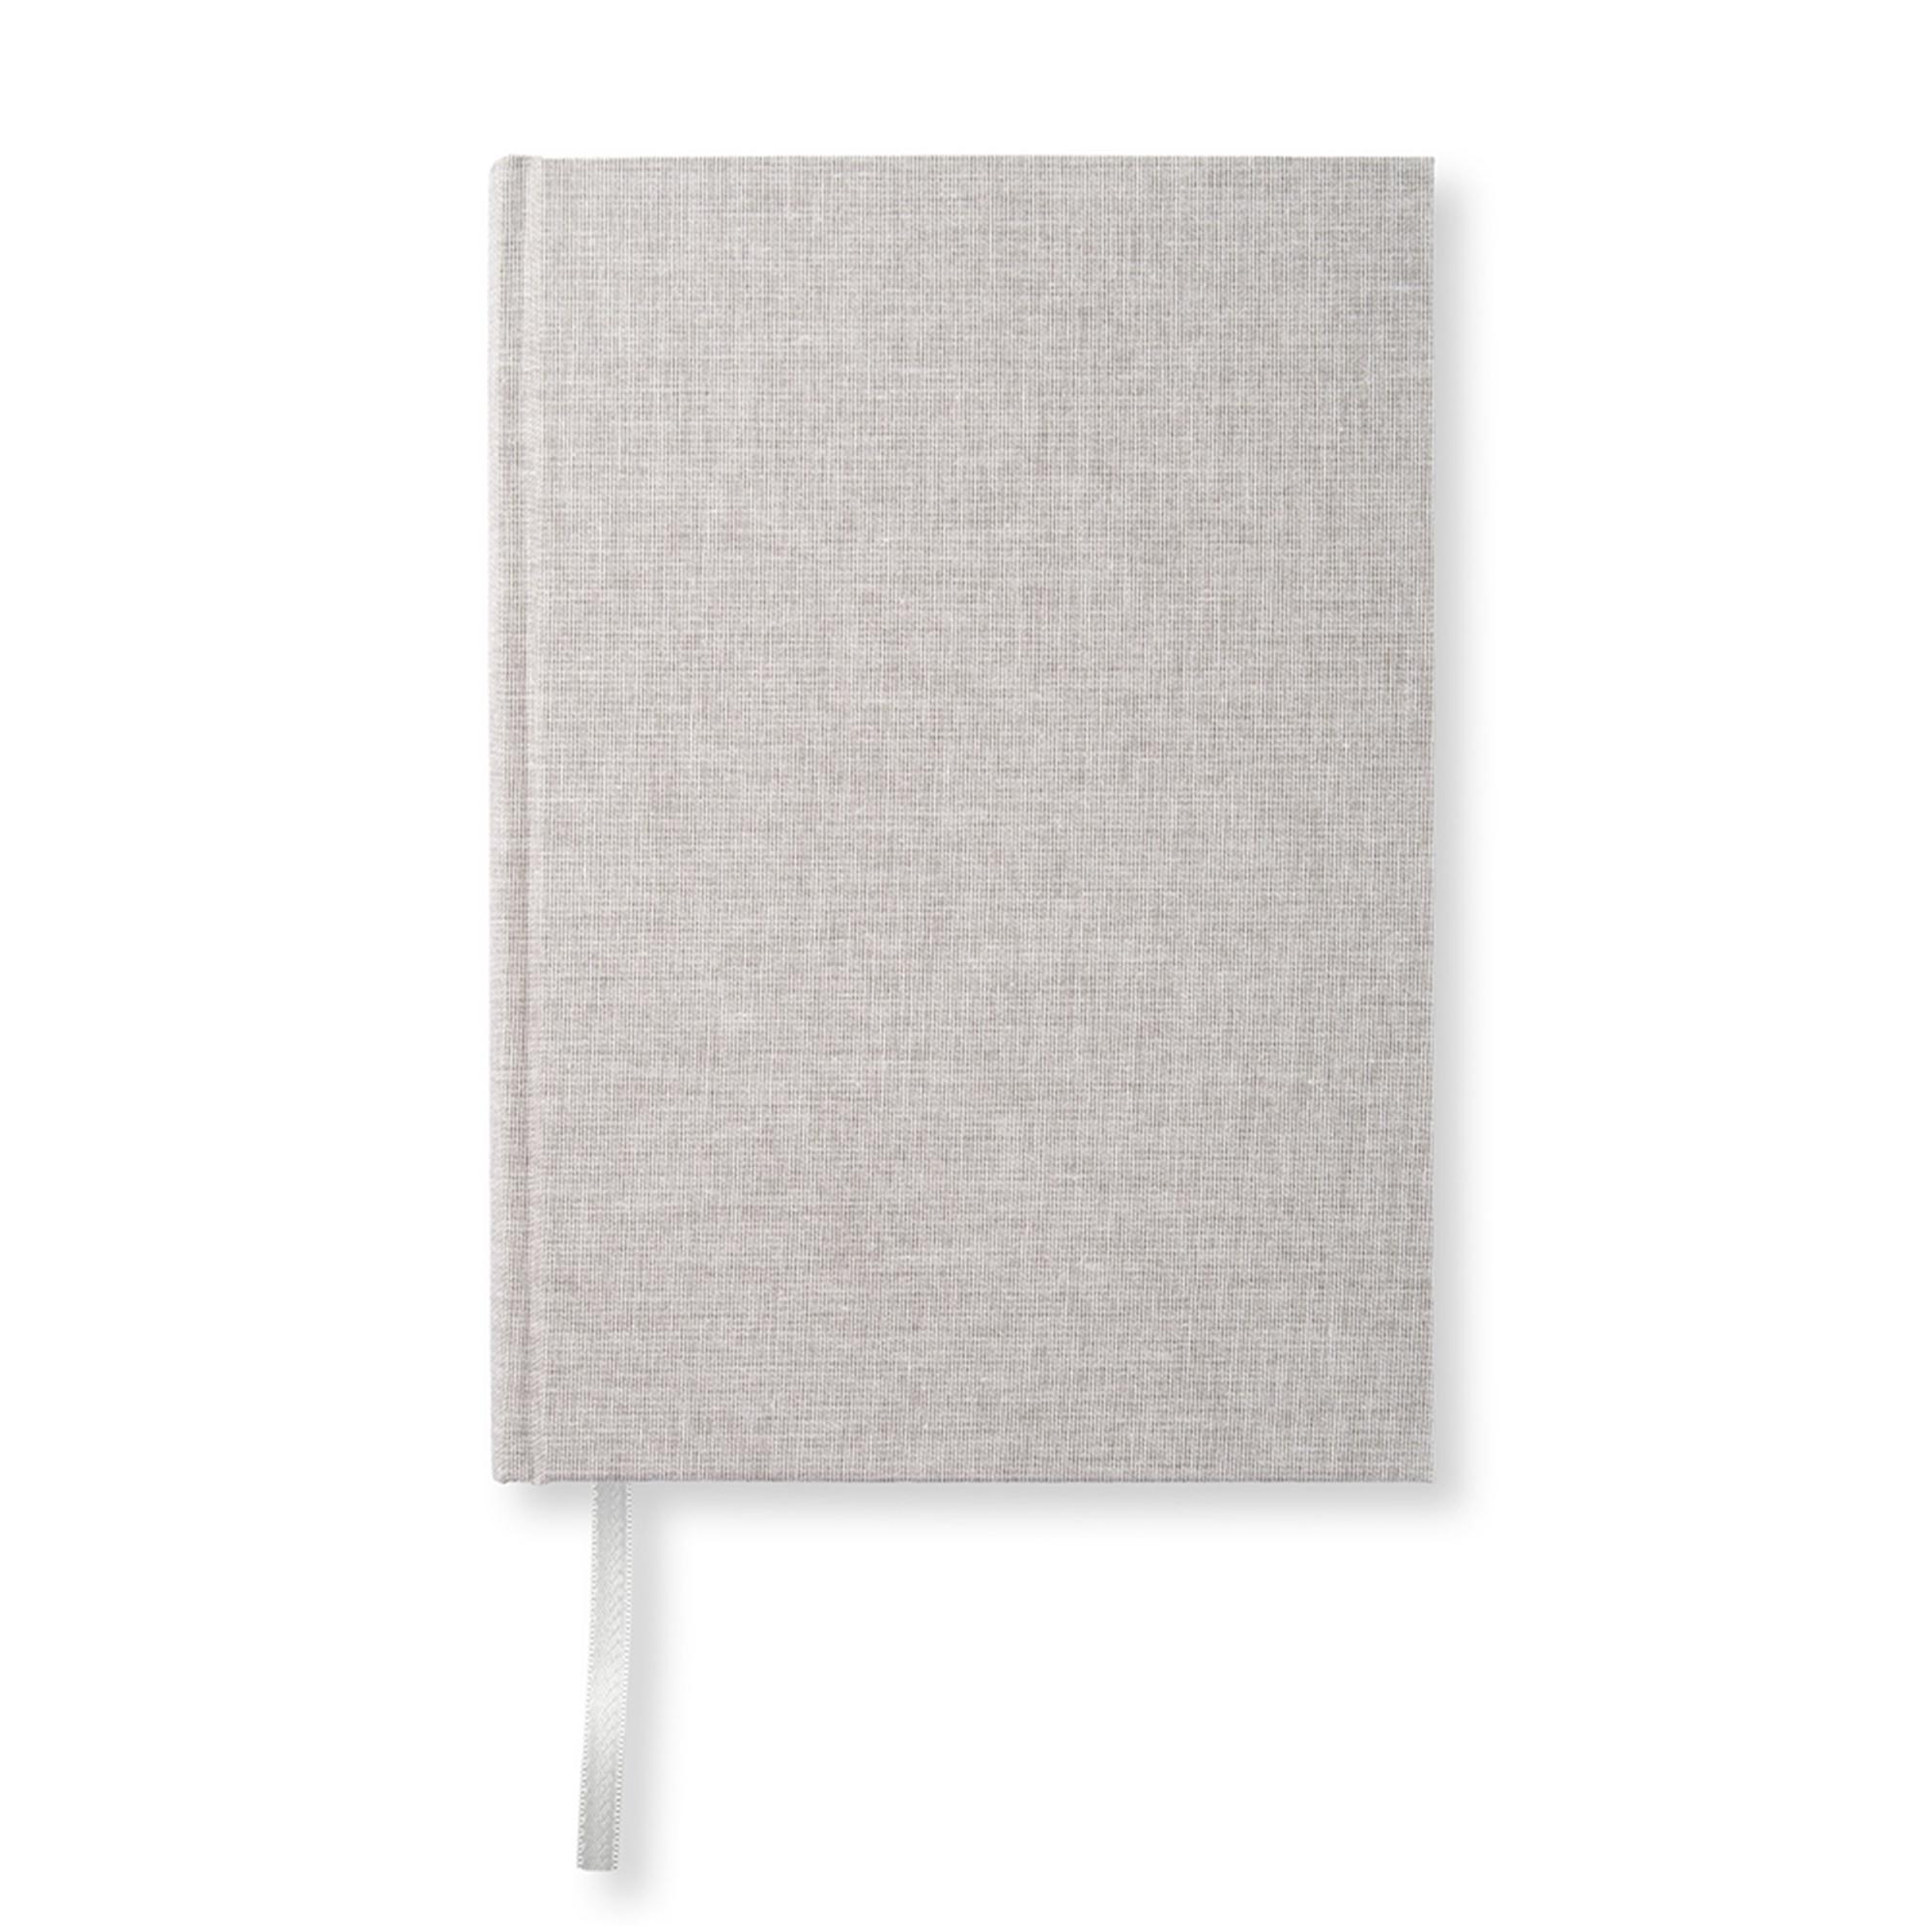 Designtorget Skrivbok A5 Textil natur